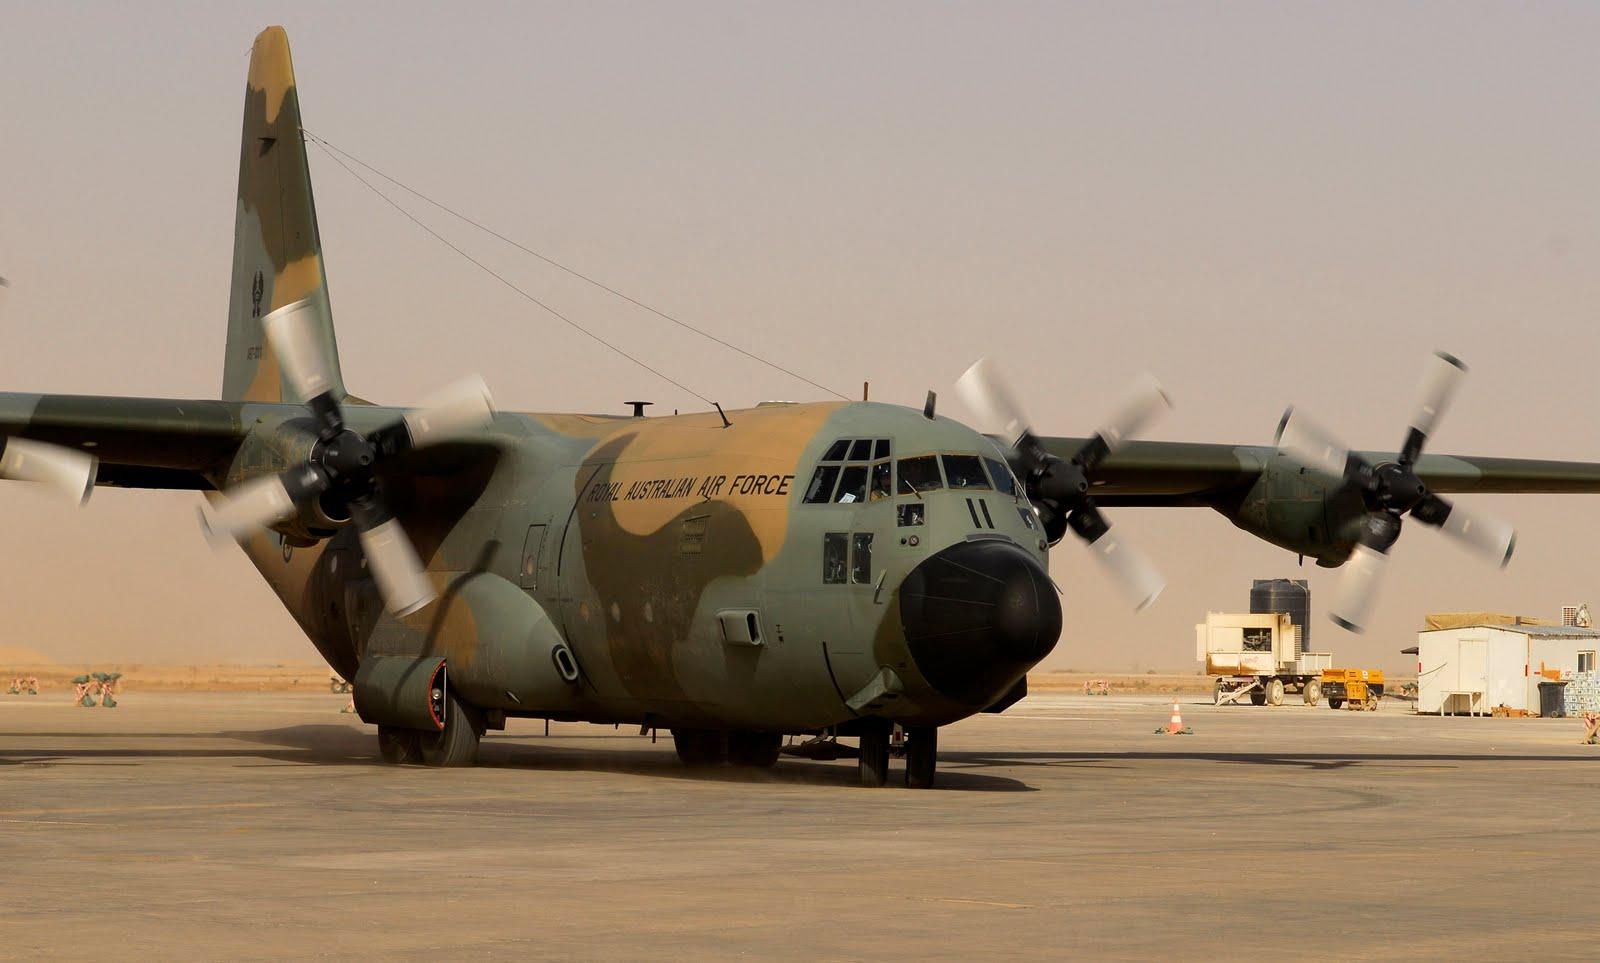 Iraq Tallil Air Base